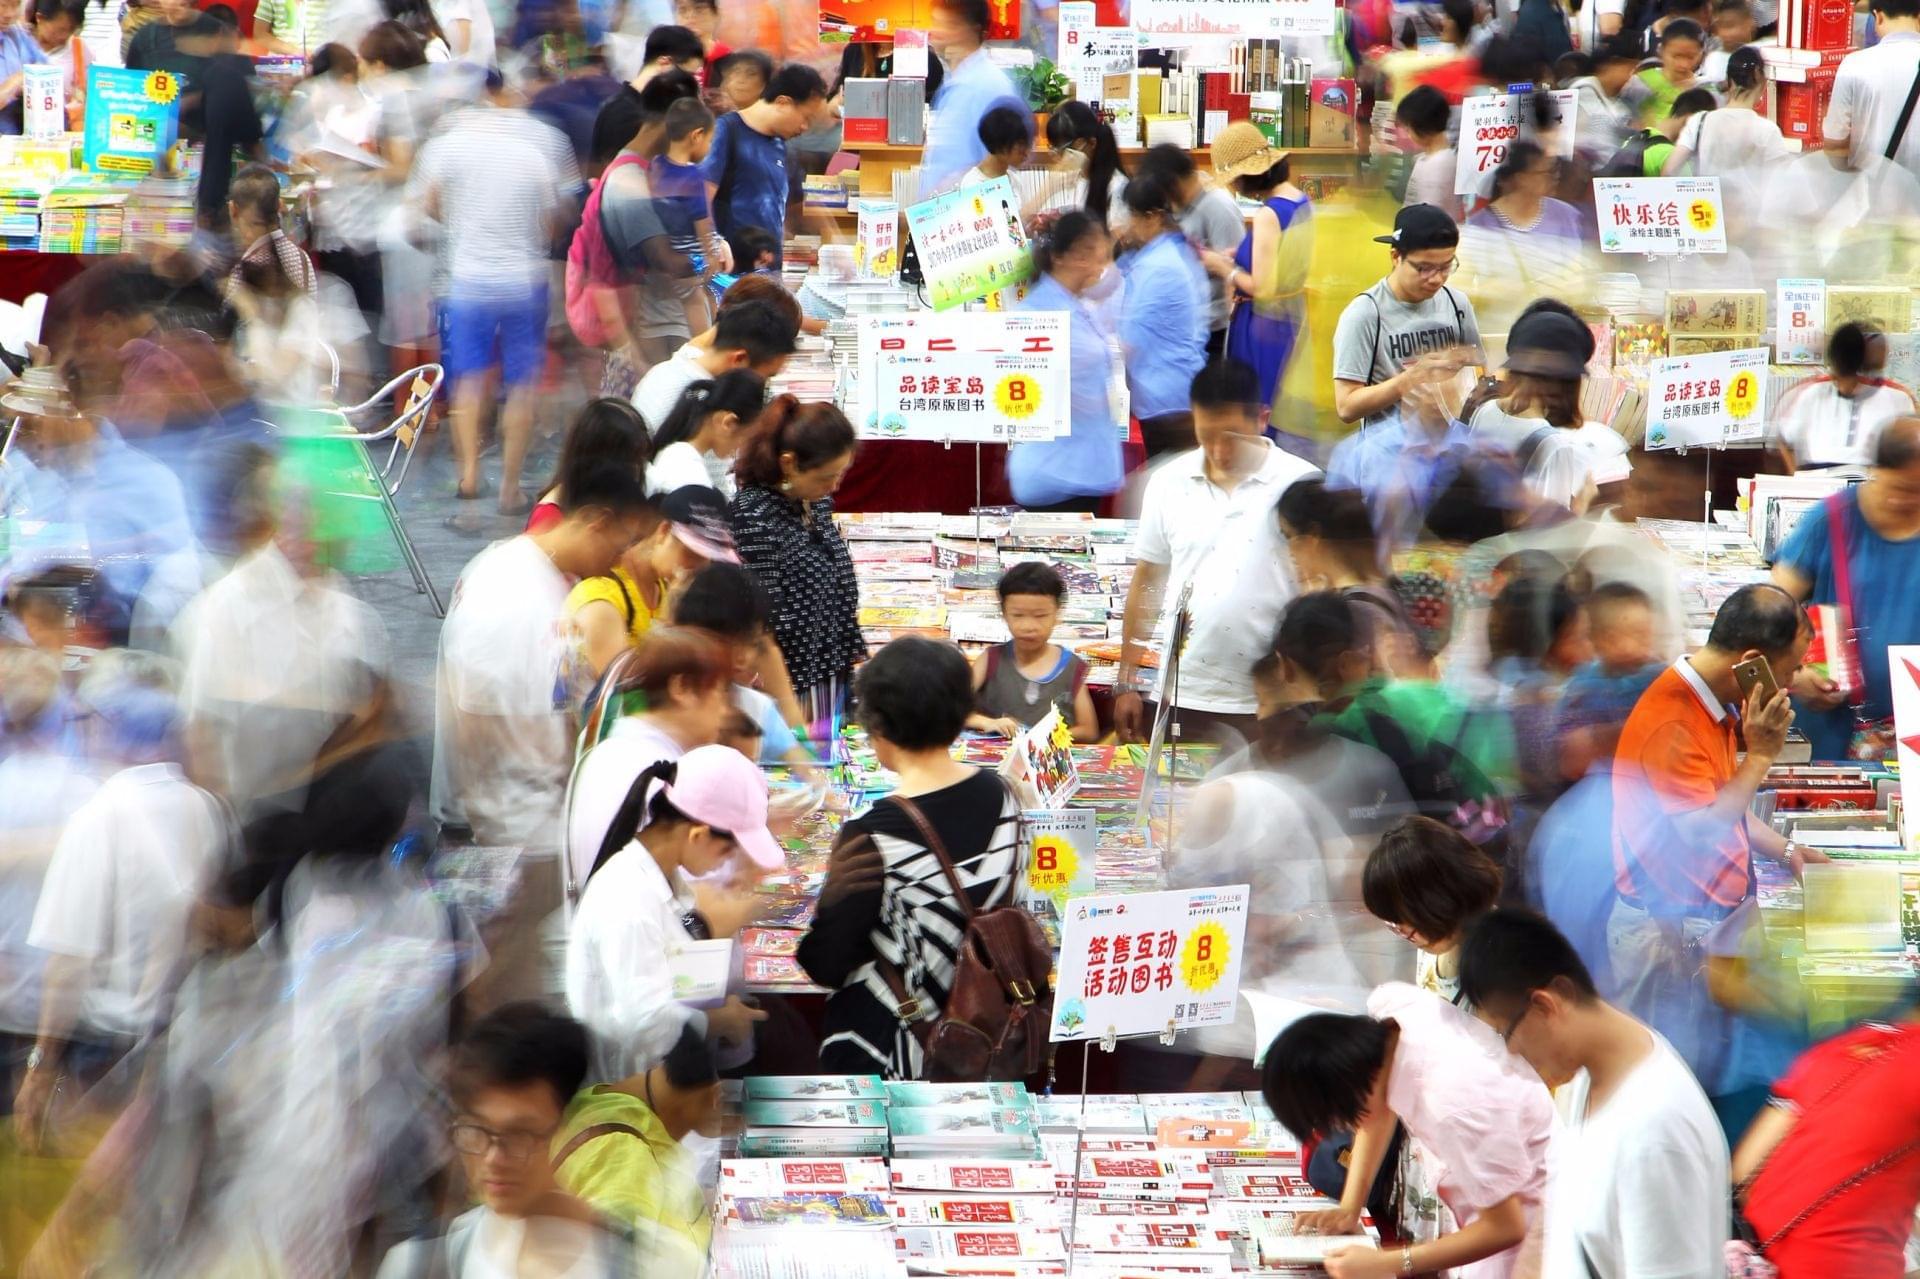 南国书香节佛山分会场近10万人参加 销售额达50万